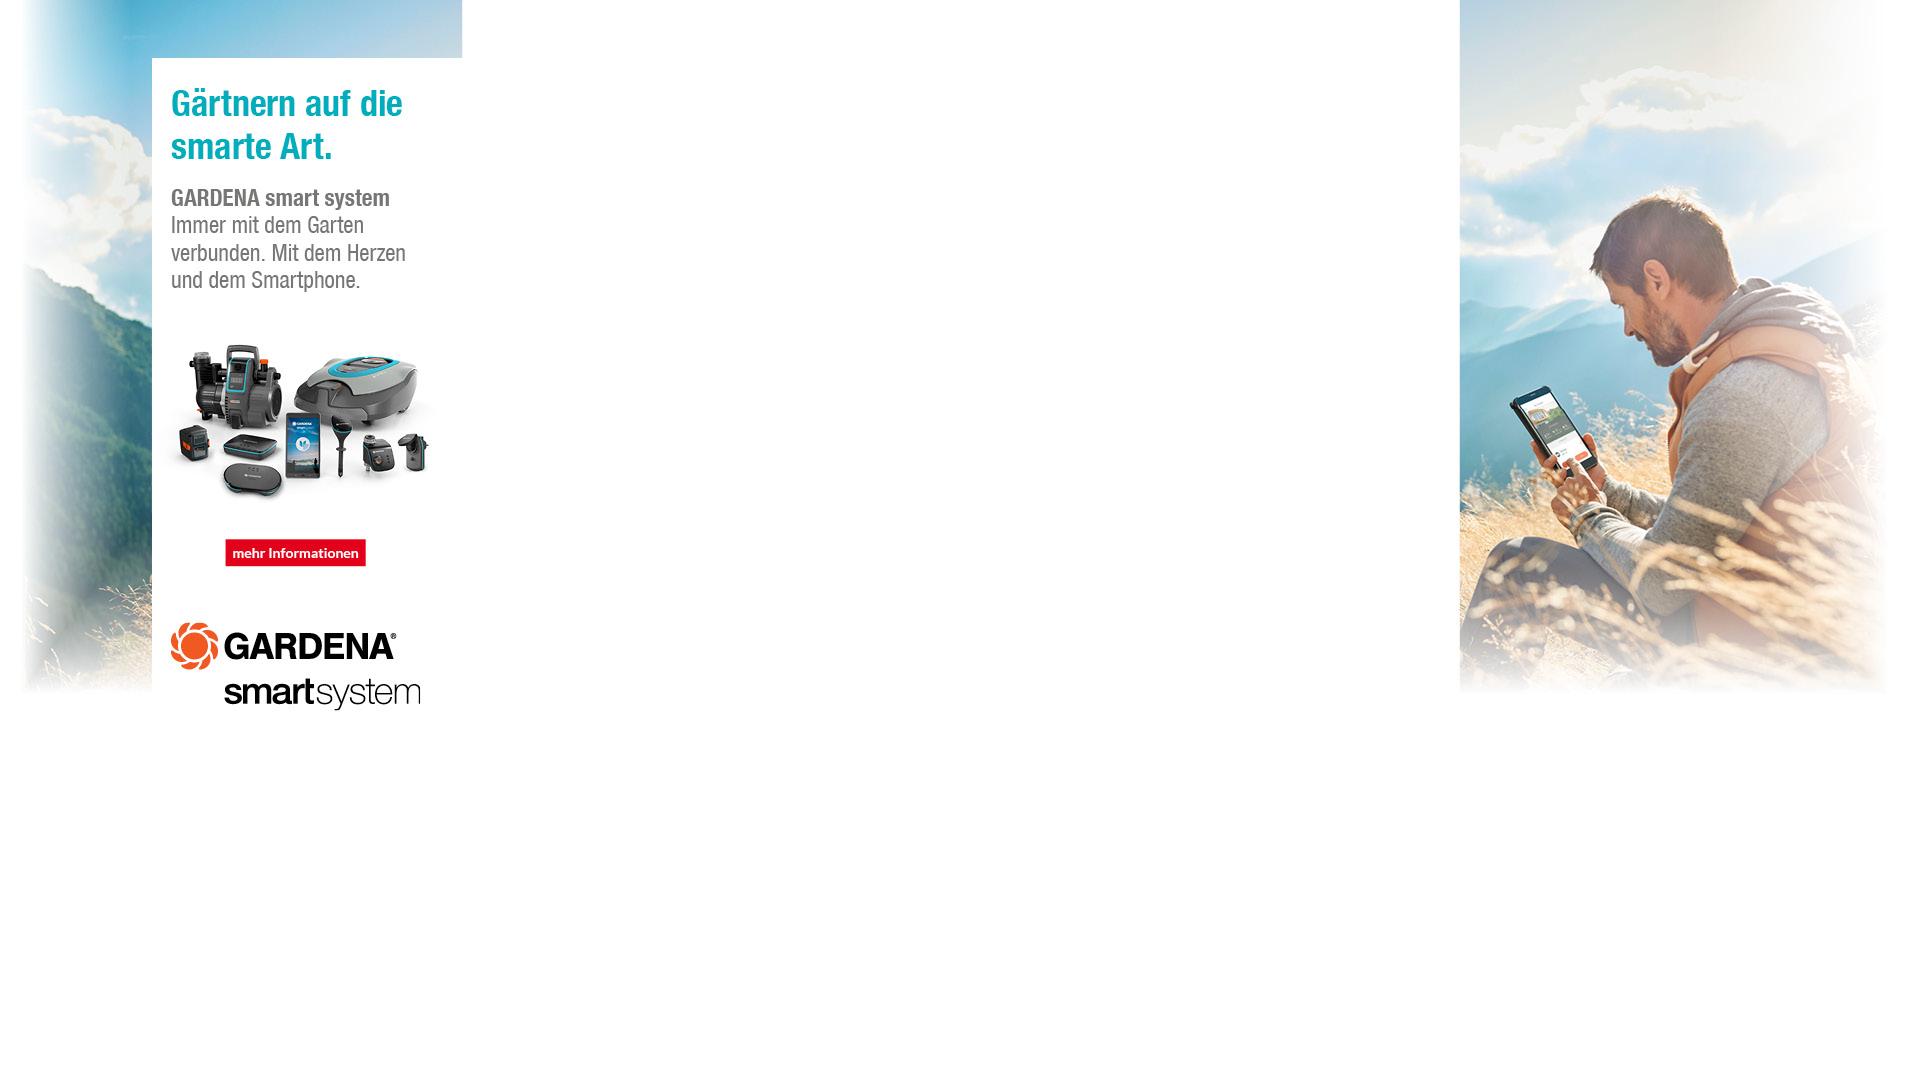 gardena gartengeräte günstig kaufen bei alternate